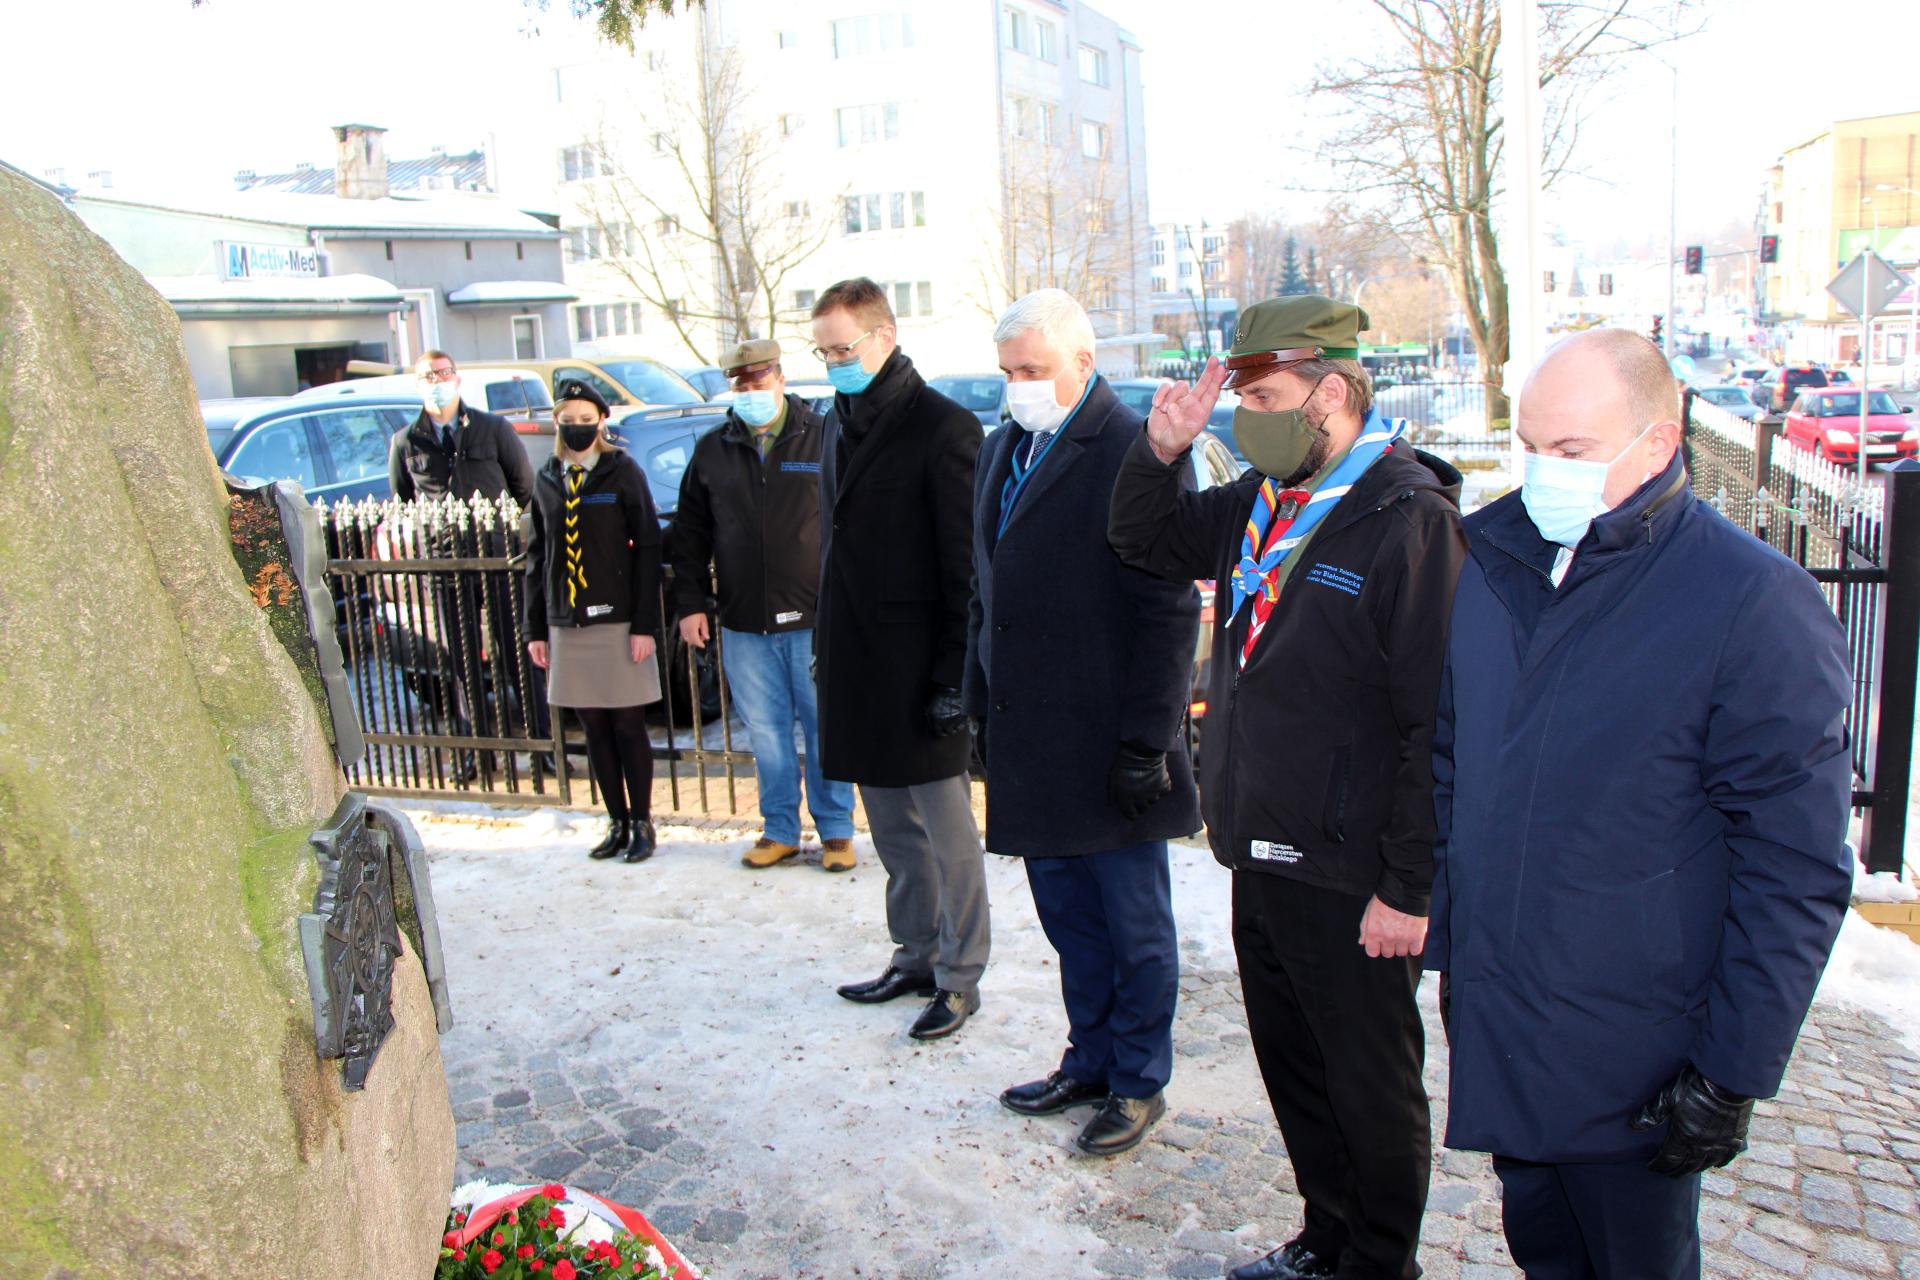 Od lewej marszałek, następnie, harcmistrz, wojewoda i wicewojewoda stoją przy pomniku Harcerzy Ziemi Białostockiej